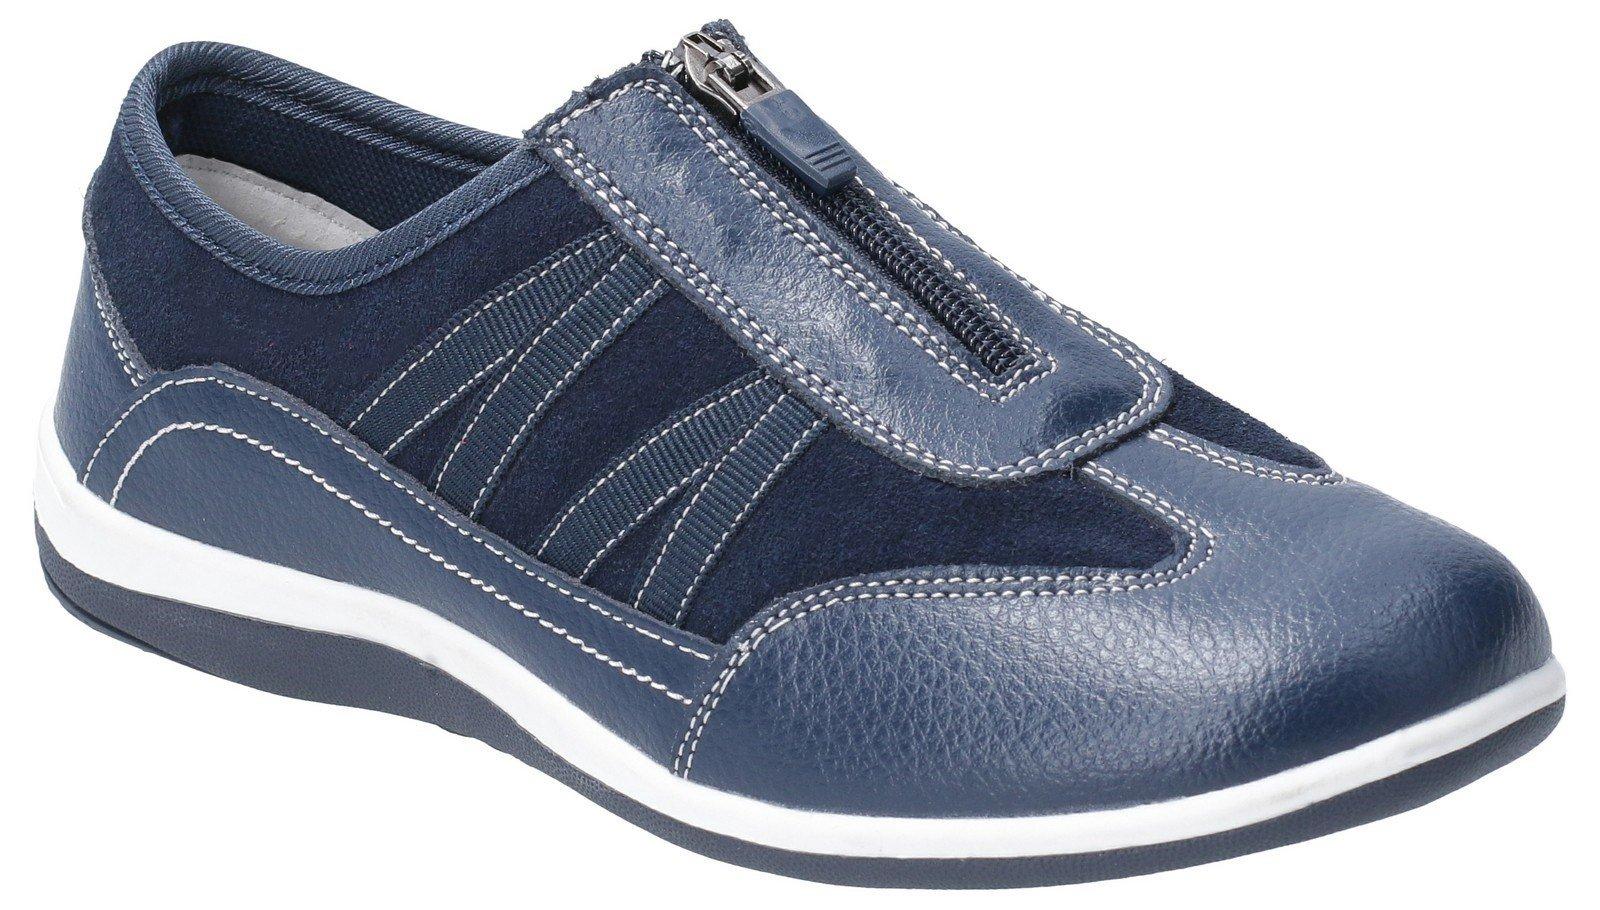 Fleet & Foster Women's Mombassa Leather Trainer Various Colours 29306-49610 - Navy 3